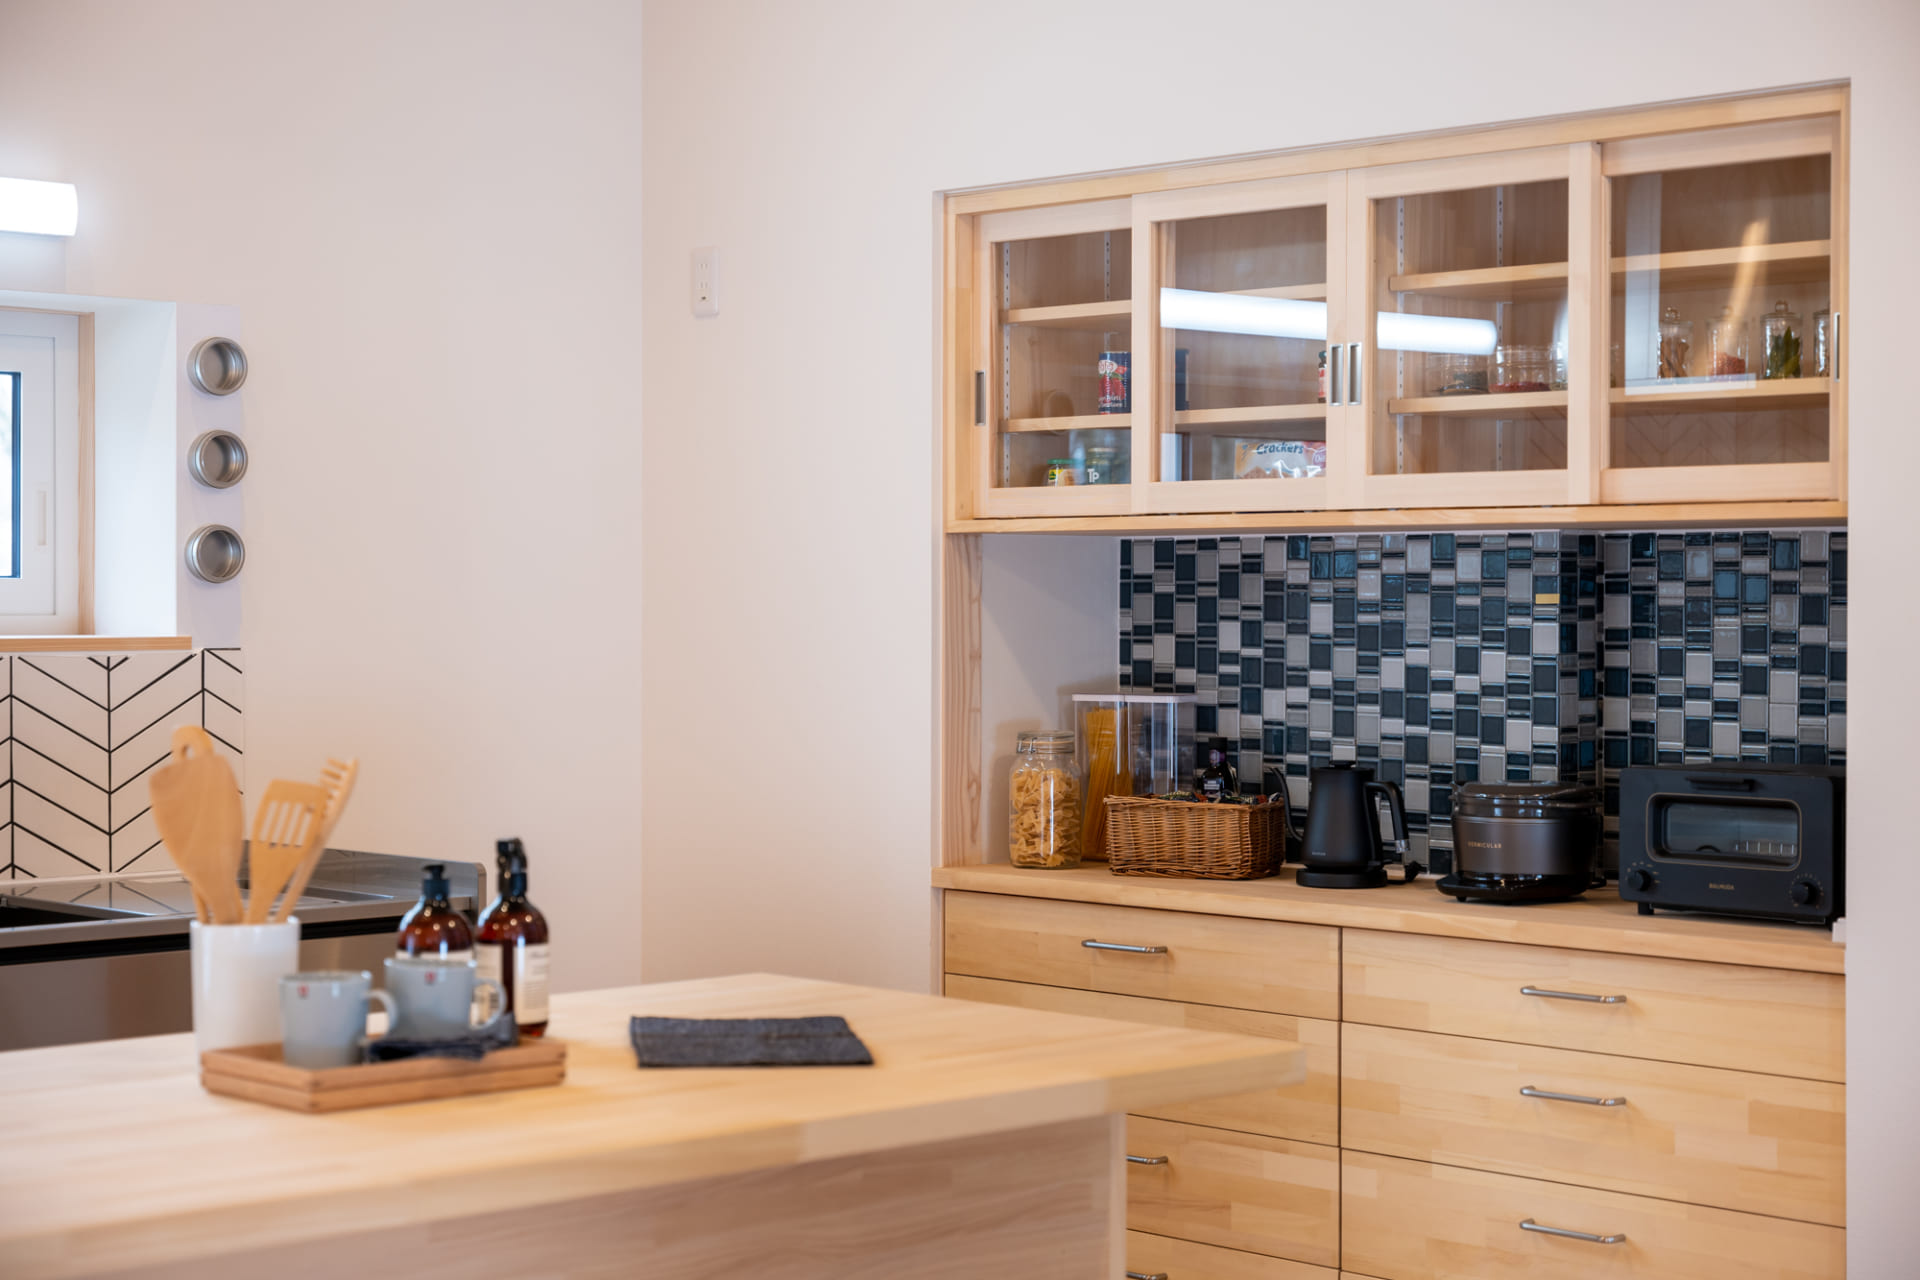 木製のキッチンカウンターと収納棚